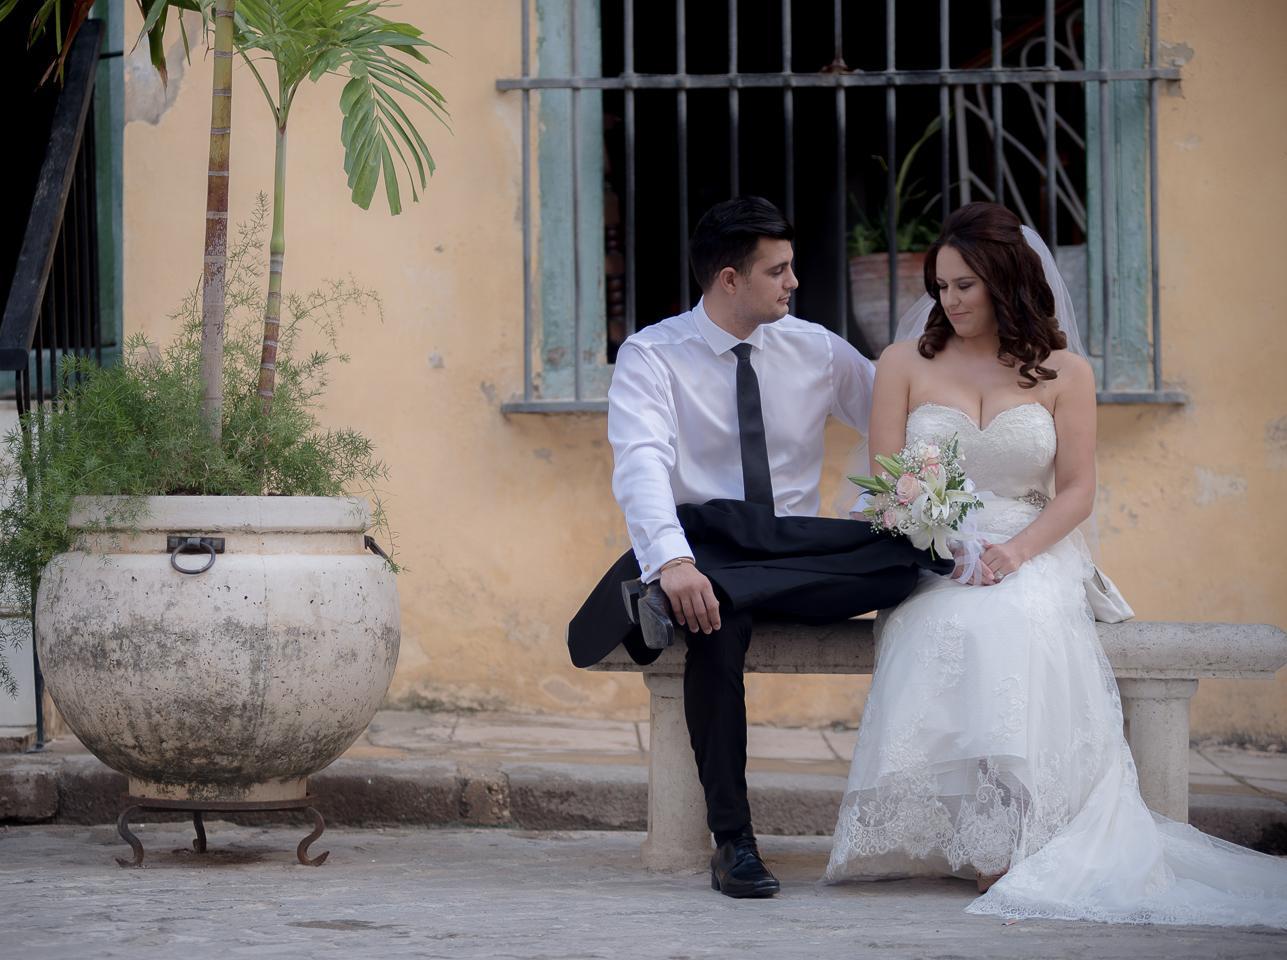 bodas-estilo-libre-sin-tema-cuba-11682.jpg